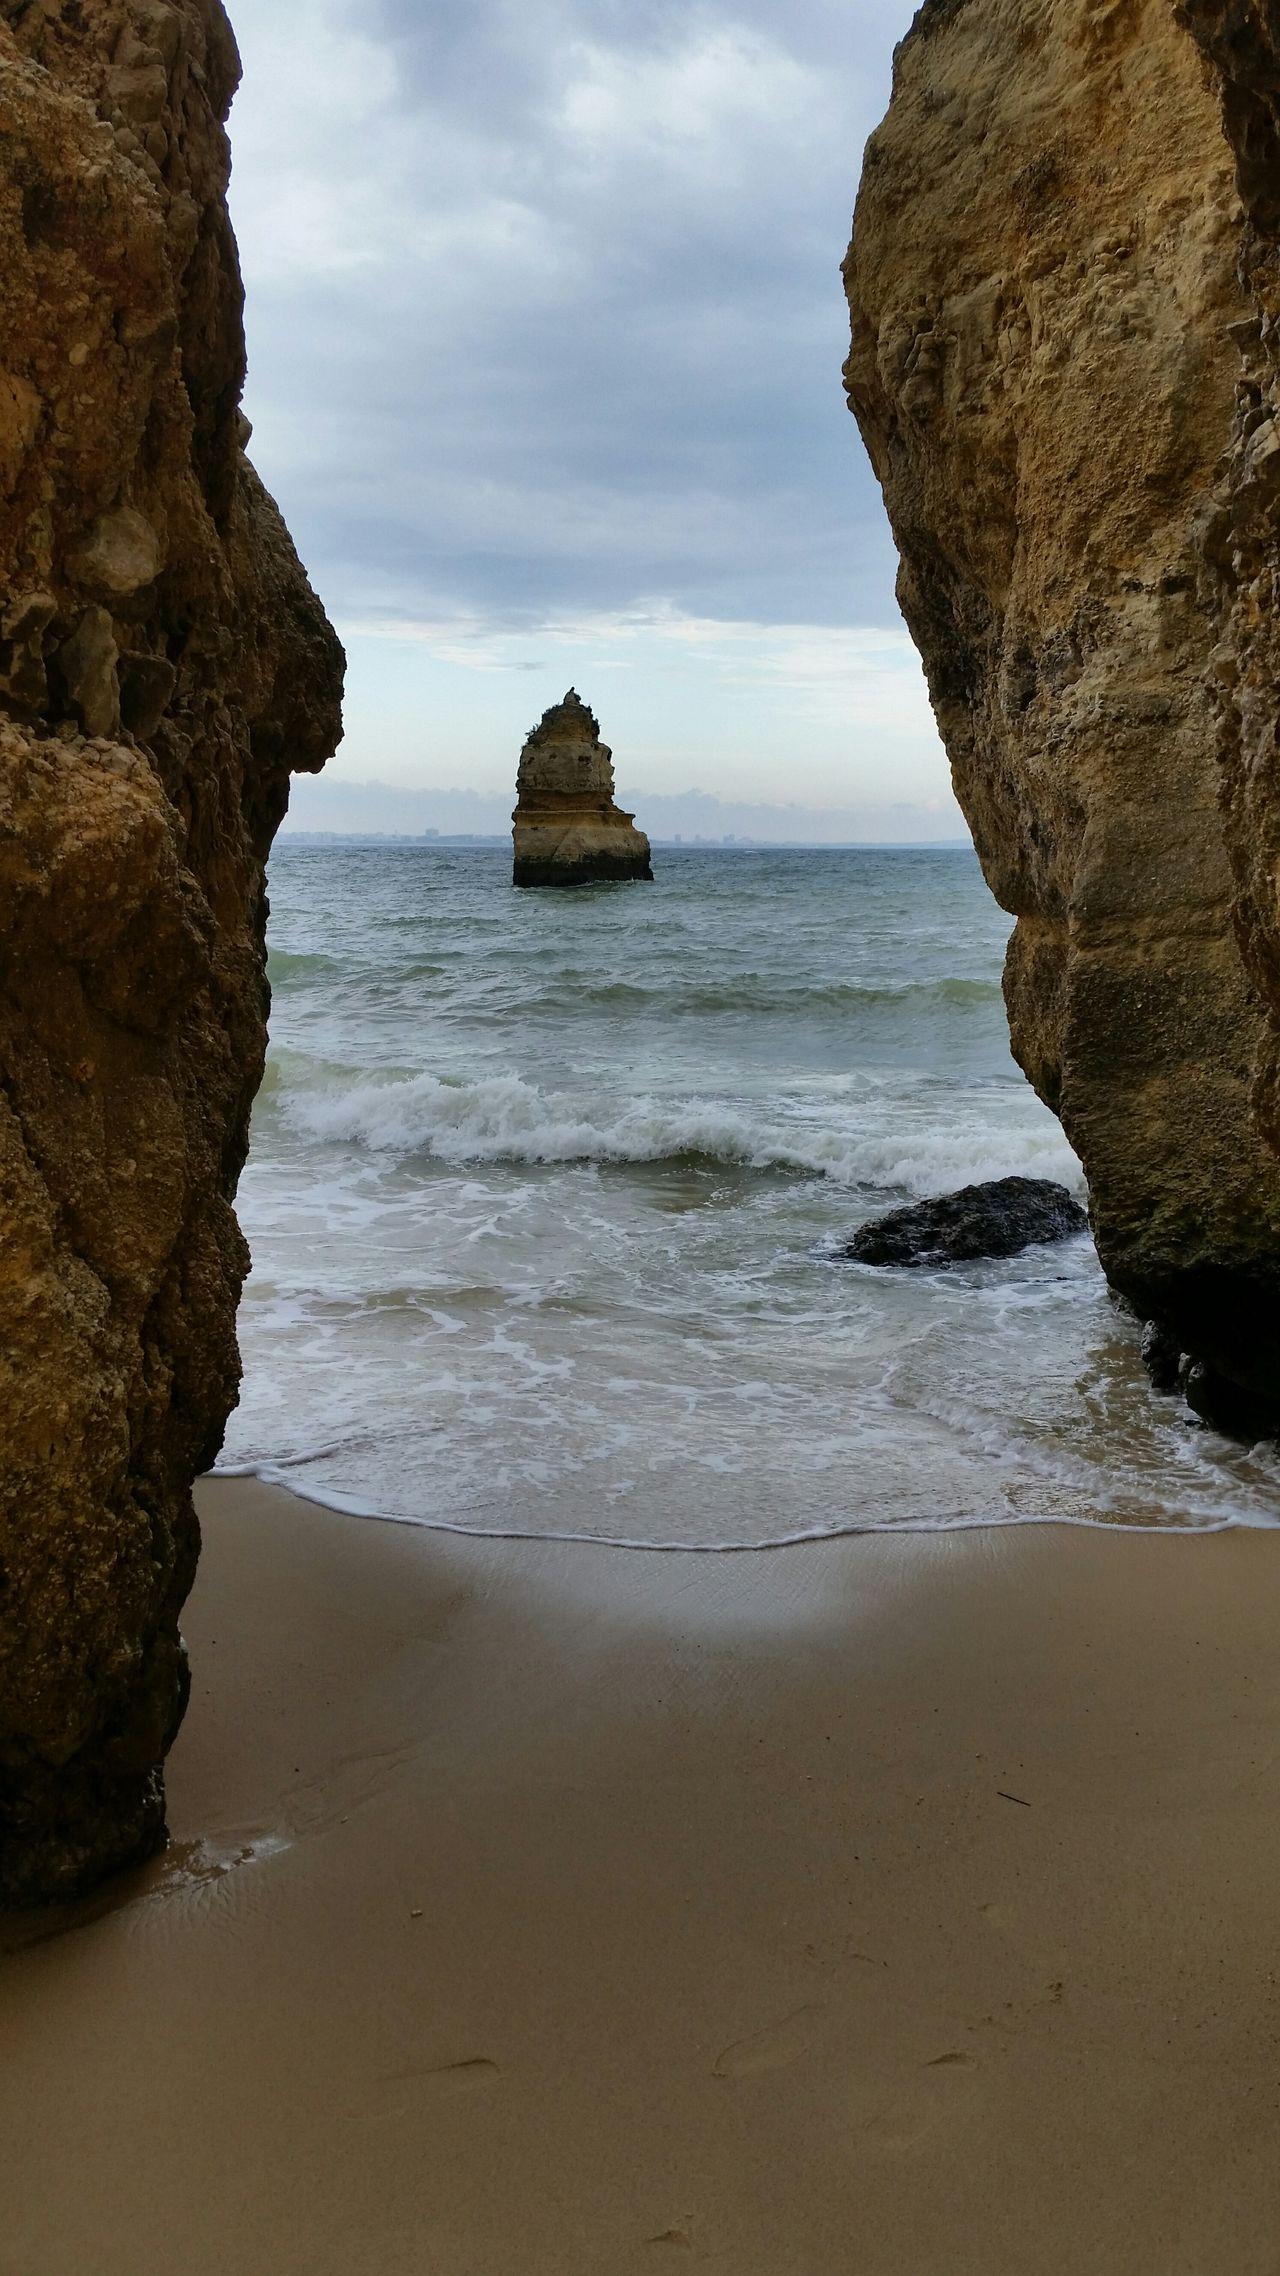 Ocean Water Clouds Rocks Sand Beach Waves Portugal Ocean Waves Camilo